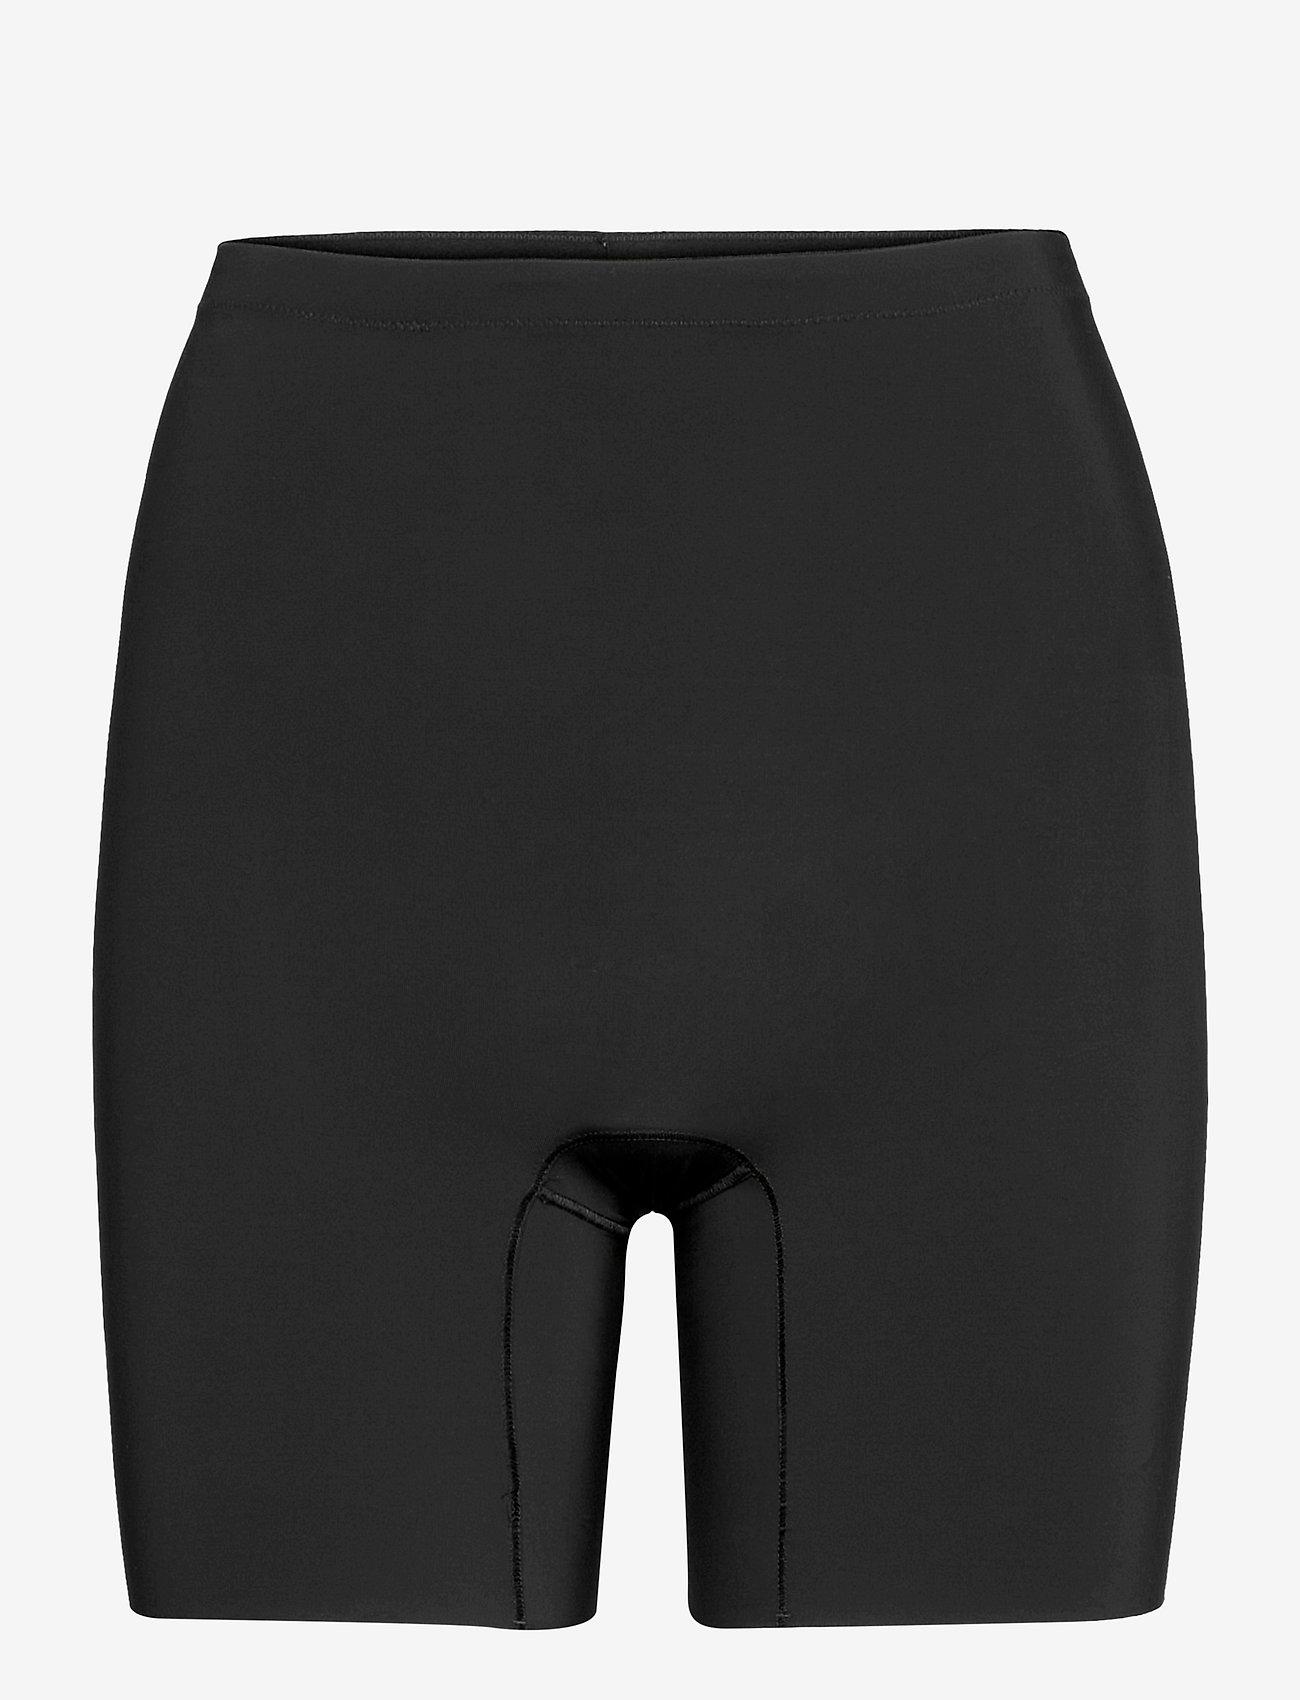 Lindex - Girdle Biker Janelle - bottoms - black - 1